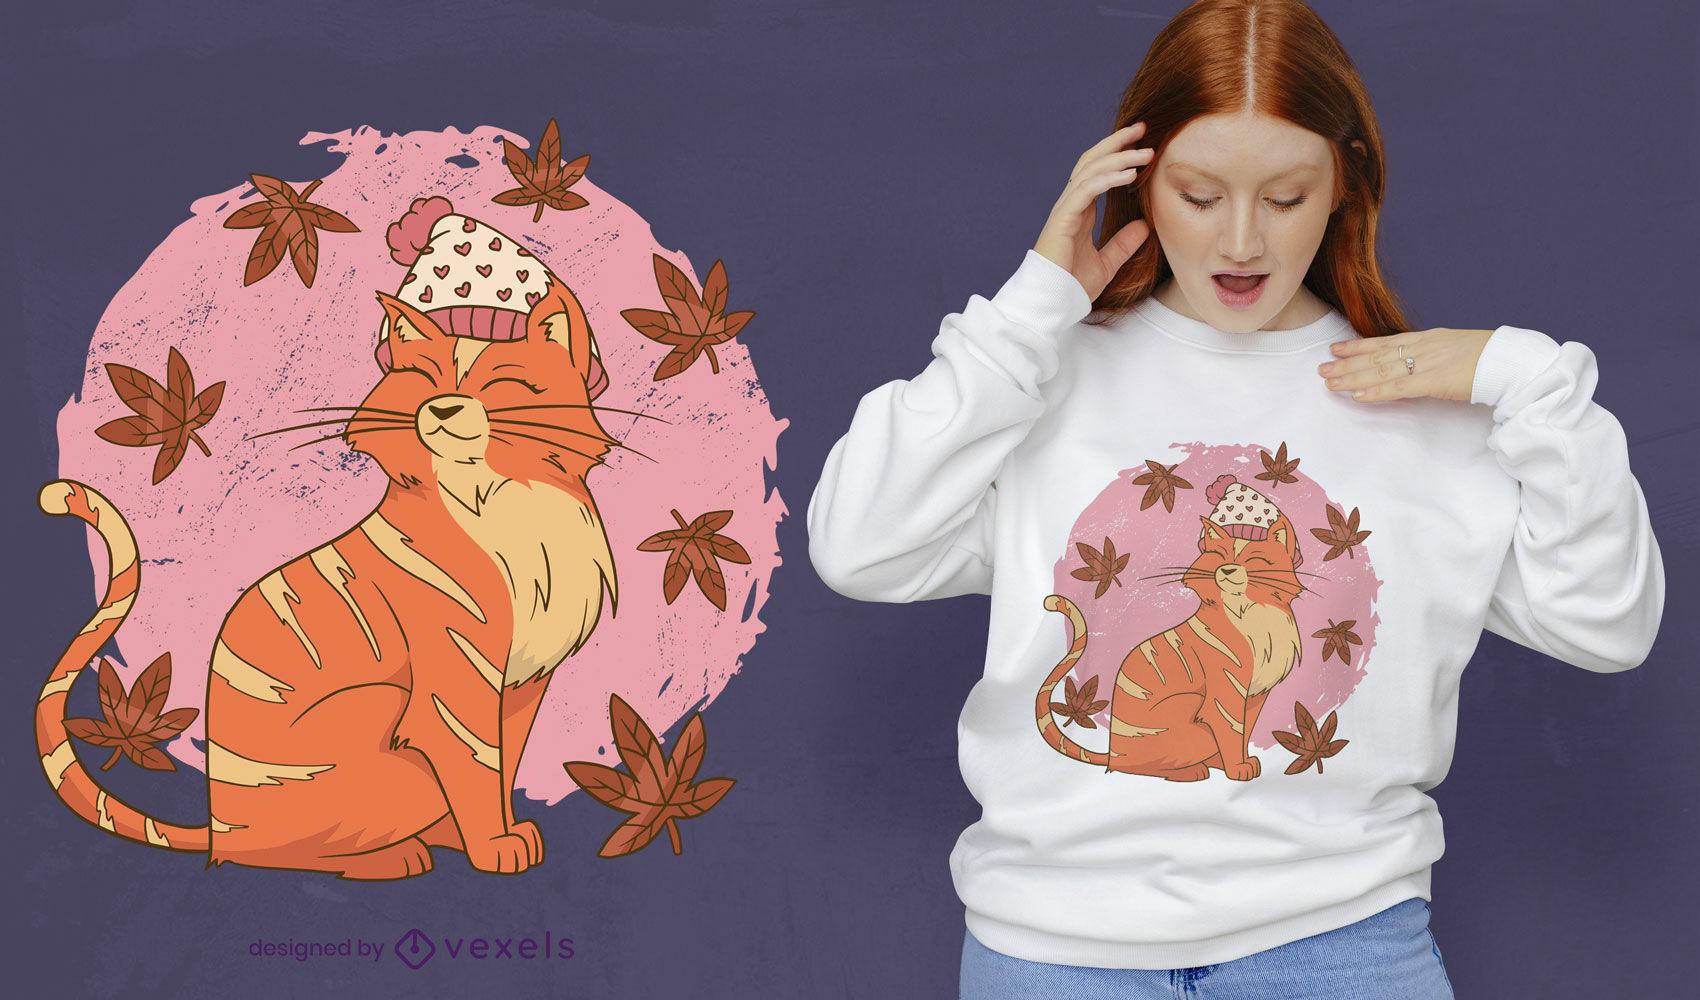 Dise?o de camiseta de gato oto?al.